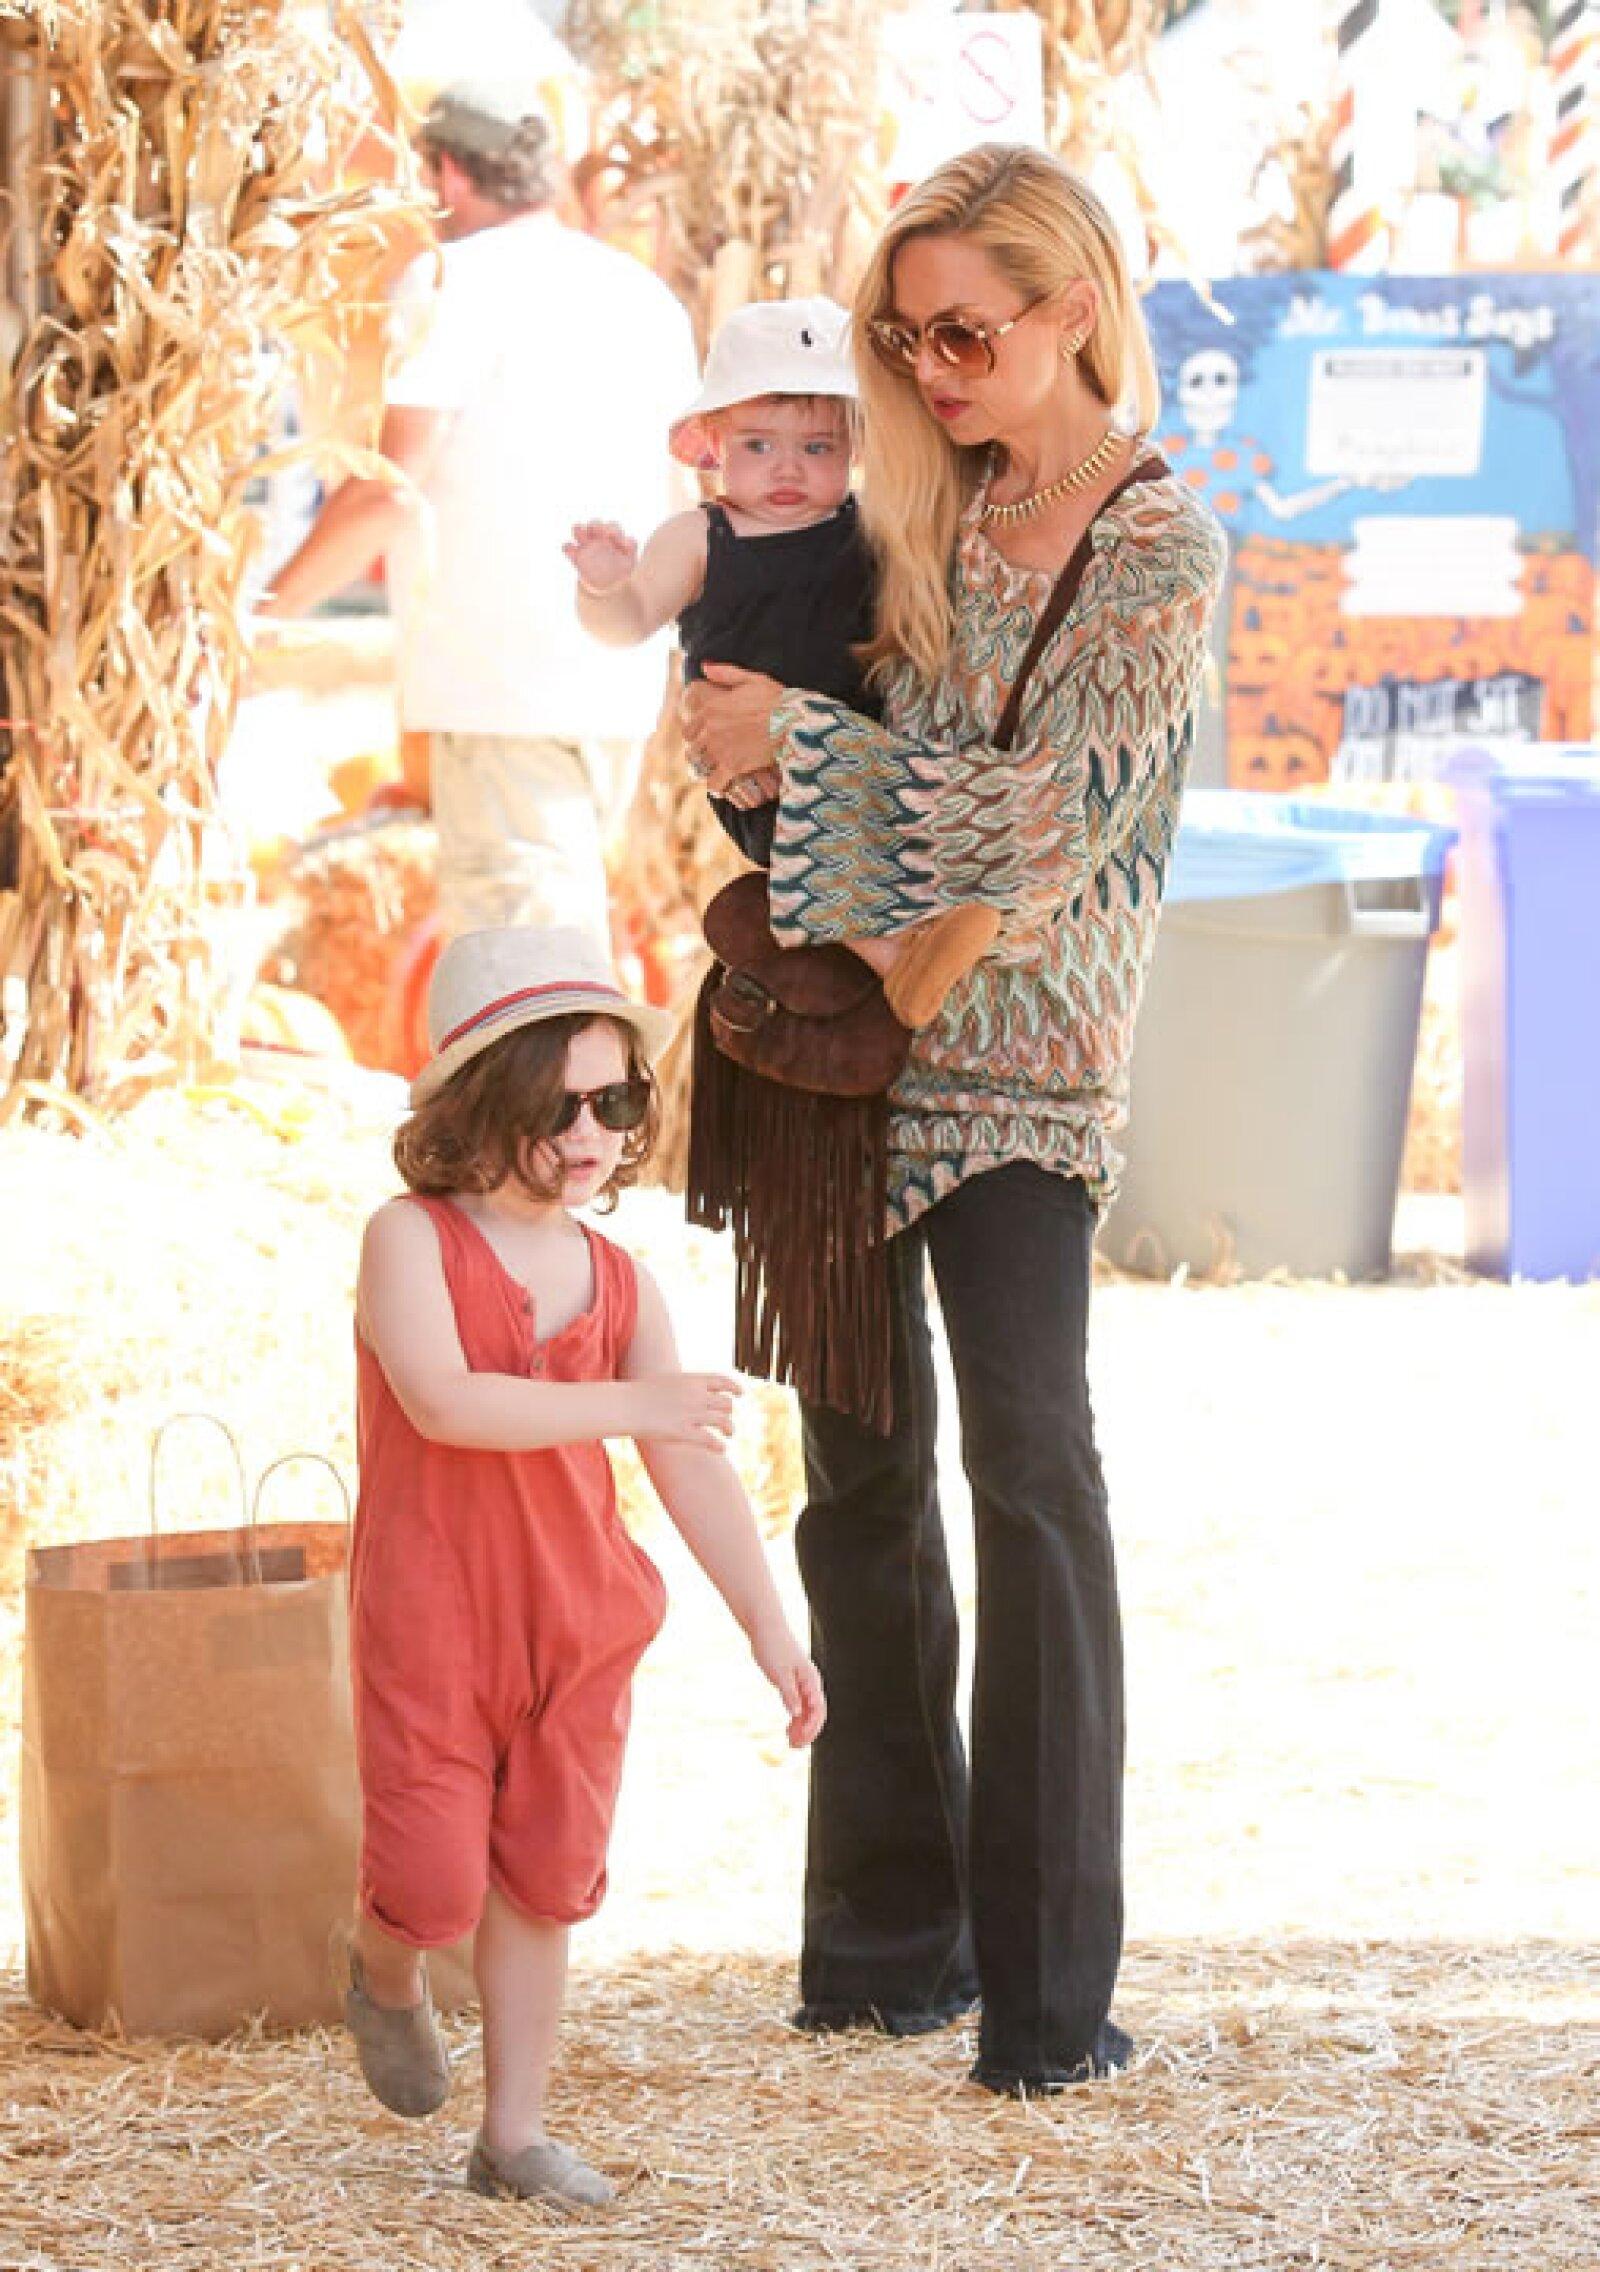 Skyler Morrison Berman, hijo de la afamada estilista Rachel Zoe, ha perfeccionado el look californiano.